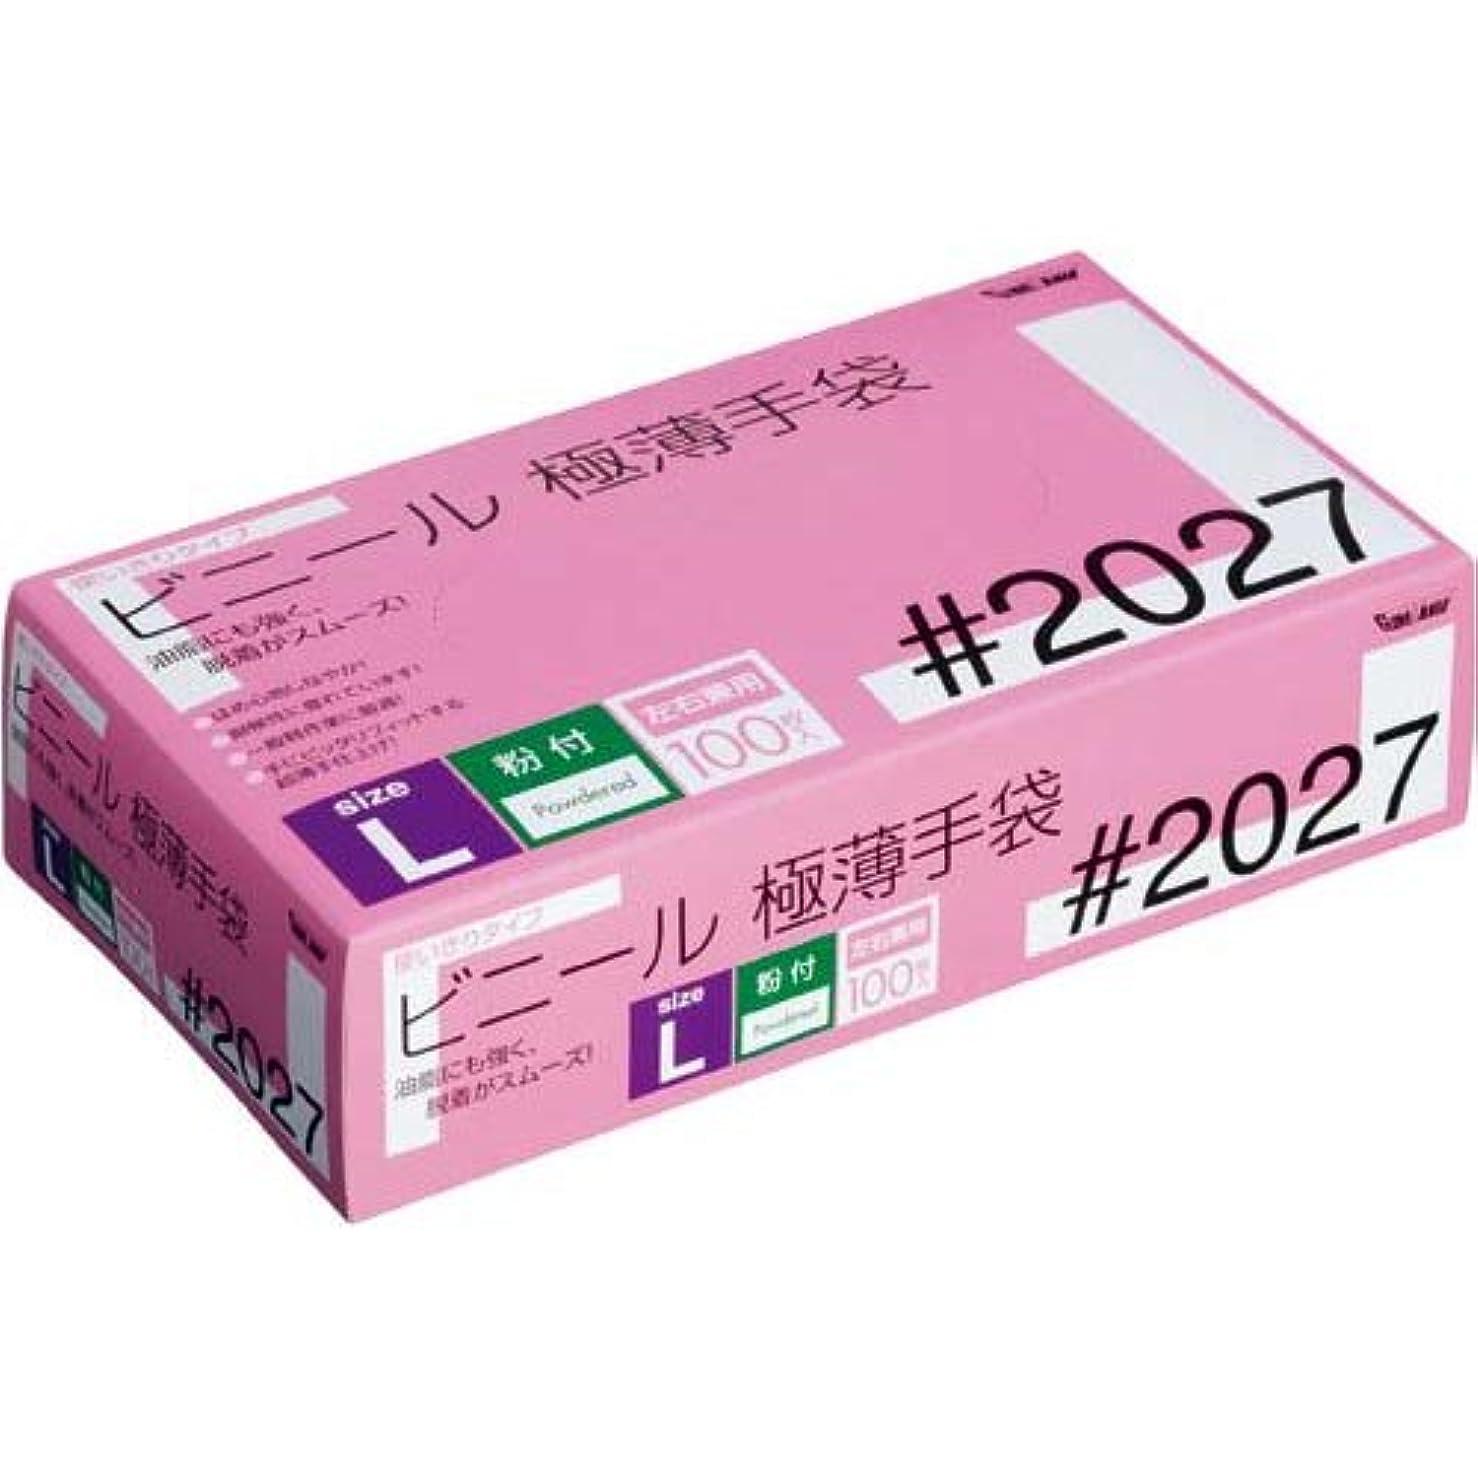 ウォルターカニンガムベジタリアンうそつき川西工業 ビニール使い切り手袋 粉付 L100枚×10